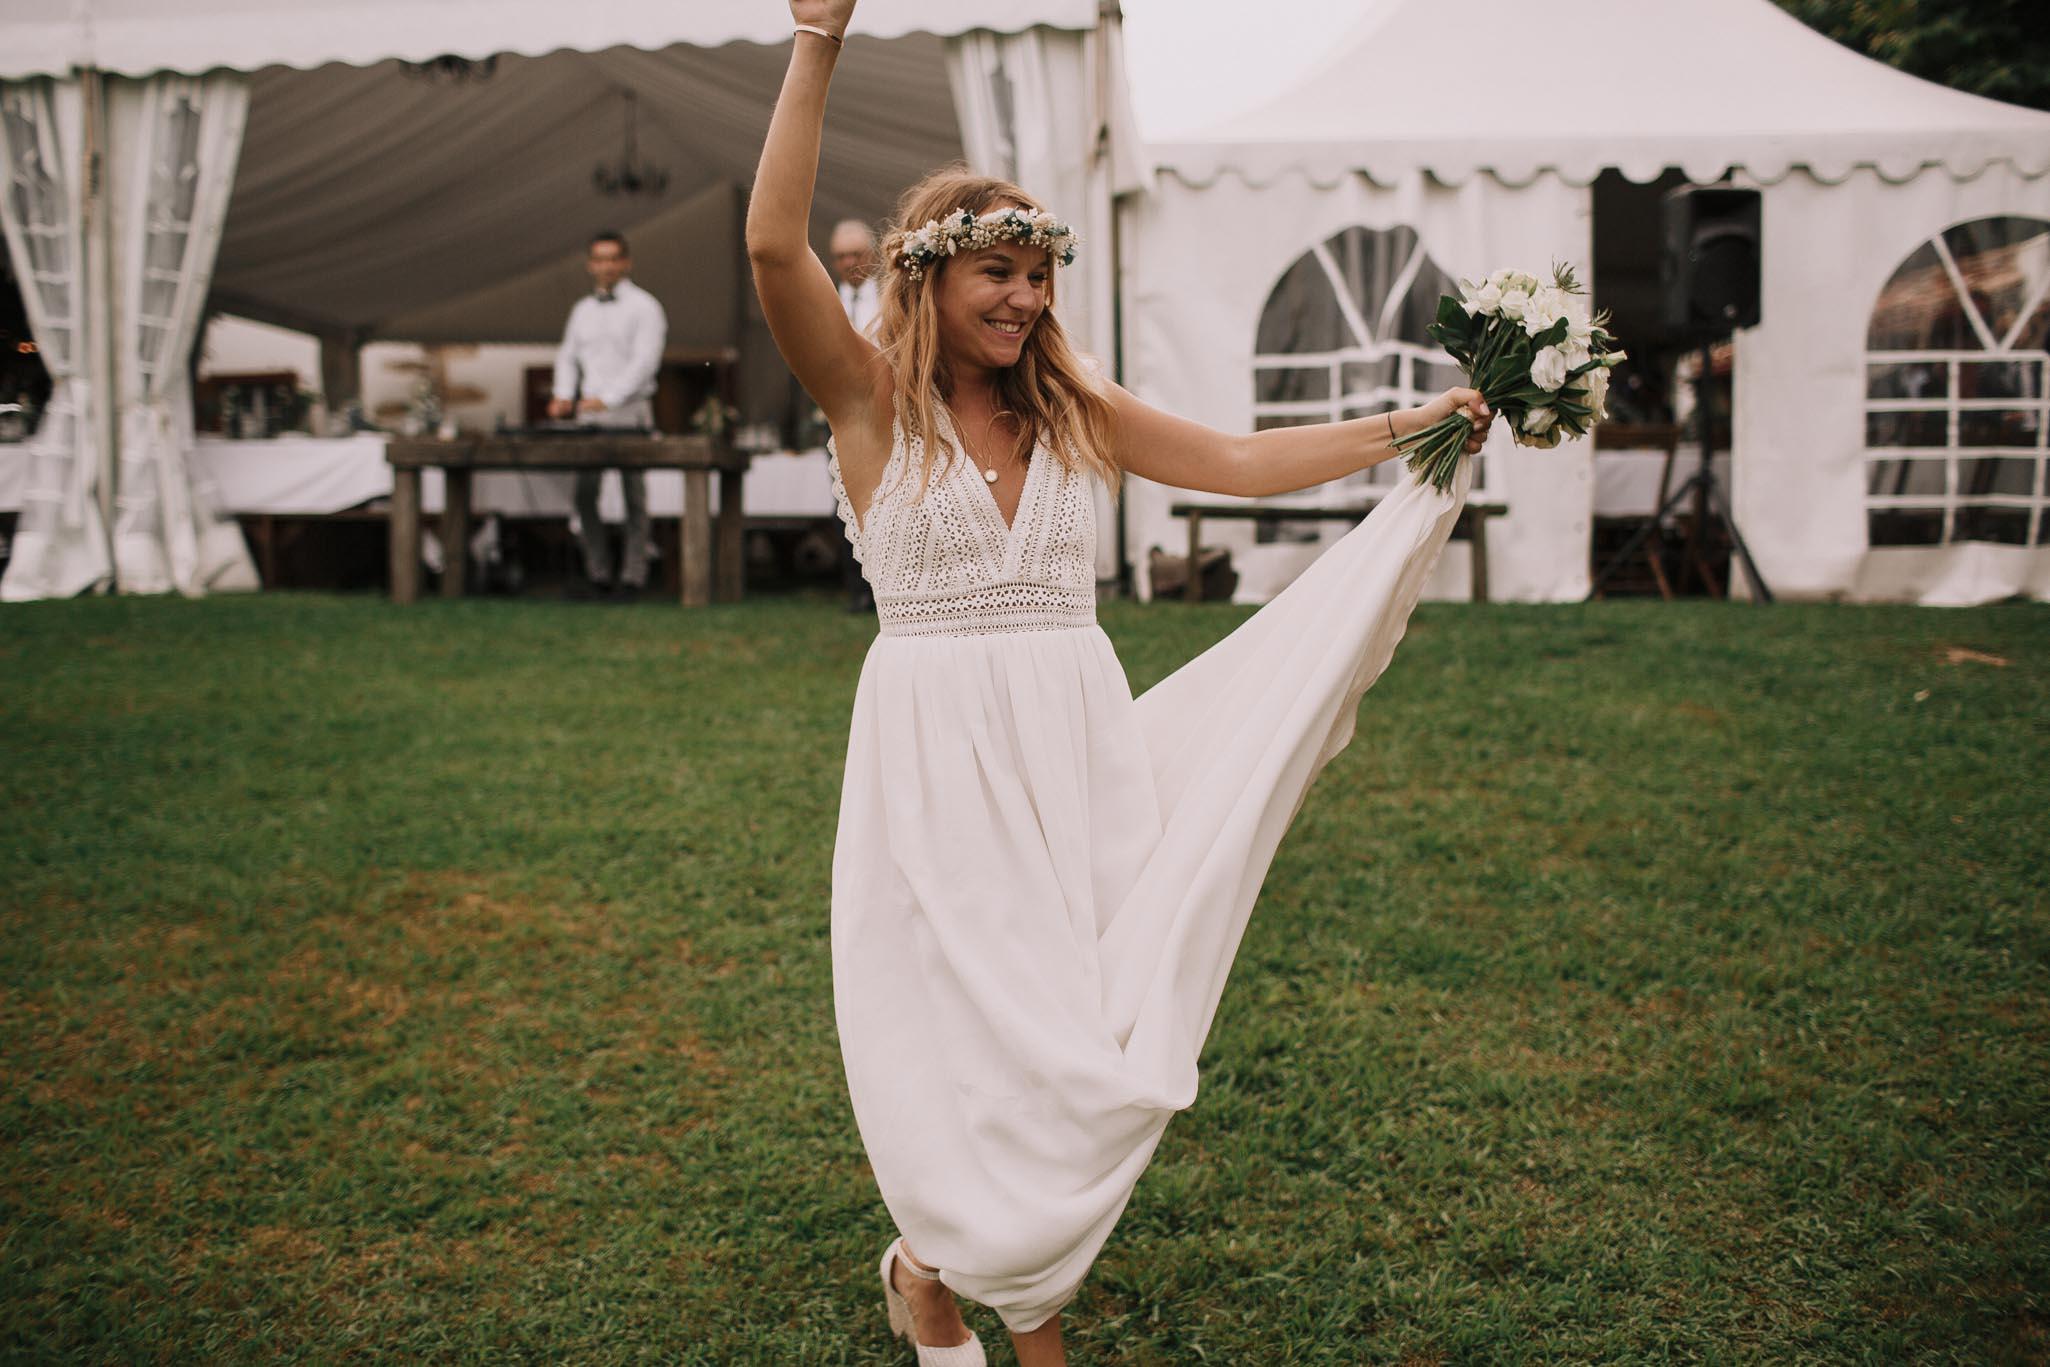 Photographe-mariage-bordeaux-jeremy-boyer-pays-basque-ihartze-artea-sare-robe-eleonore-pauc-couple-amour-132.jpg